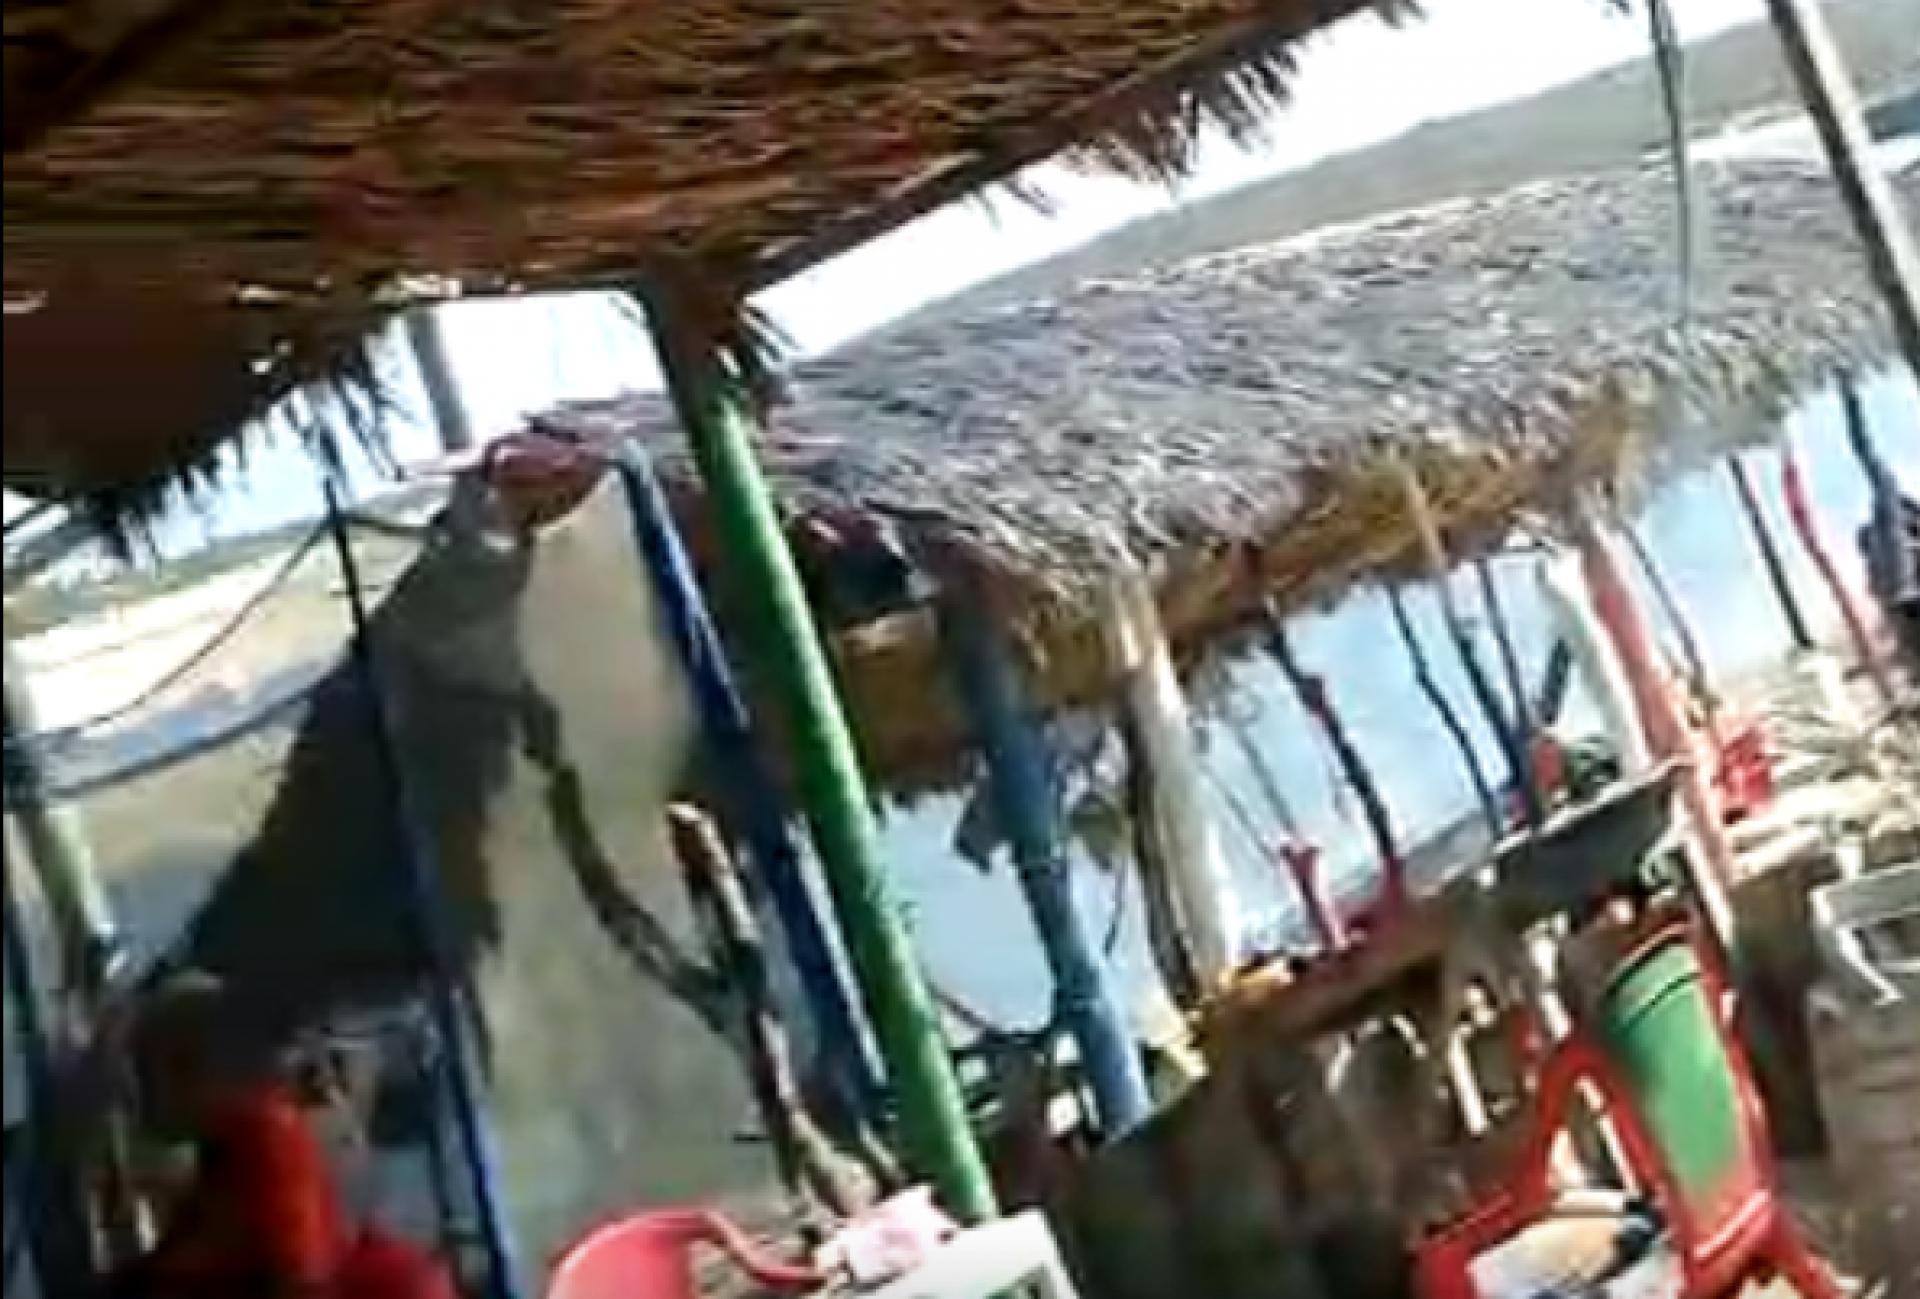 Barraca na praia em Águas Belas, Cascavel, Ceará, instantes após o triplo homicídio